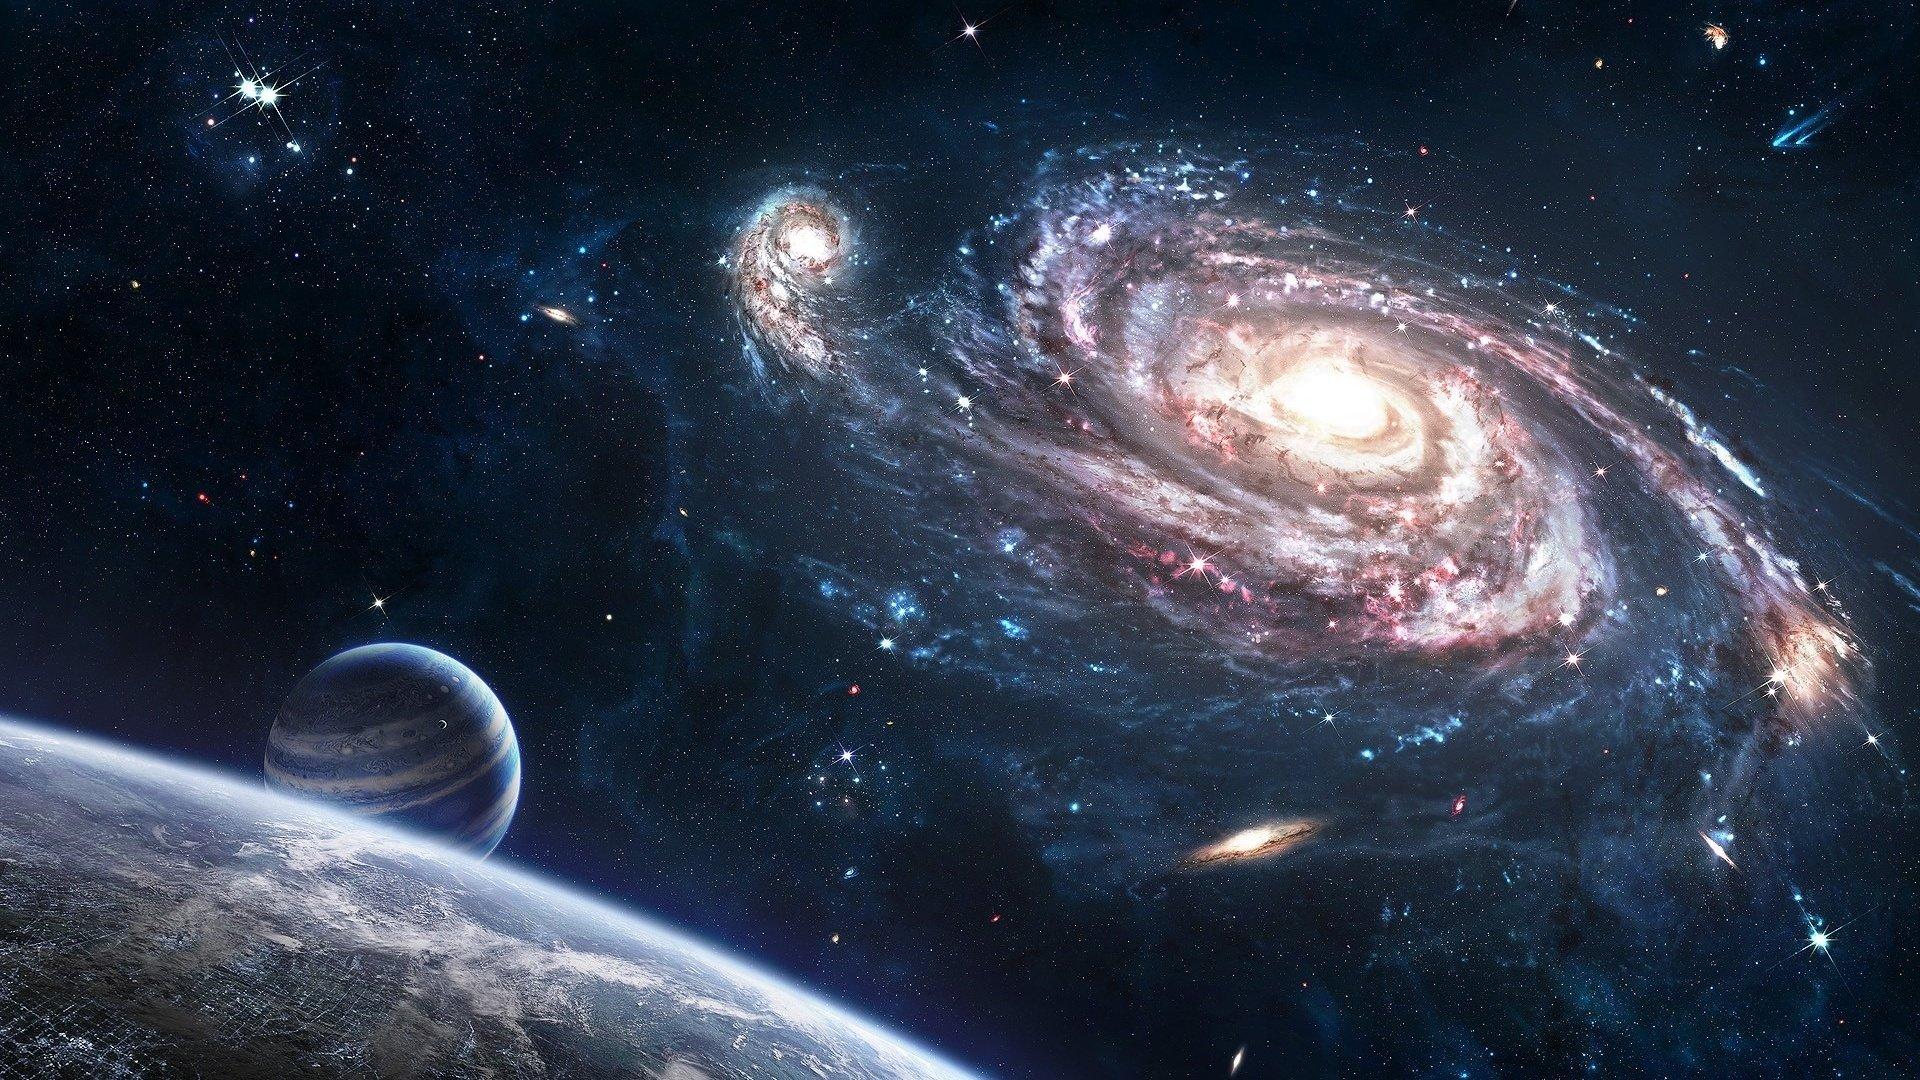 Обои space, planets, stars, cosmos. Космос foto 19